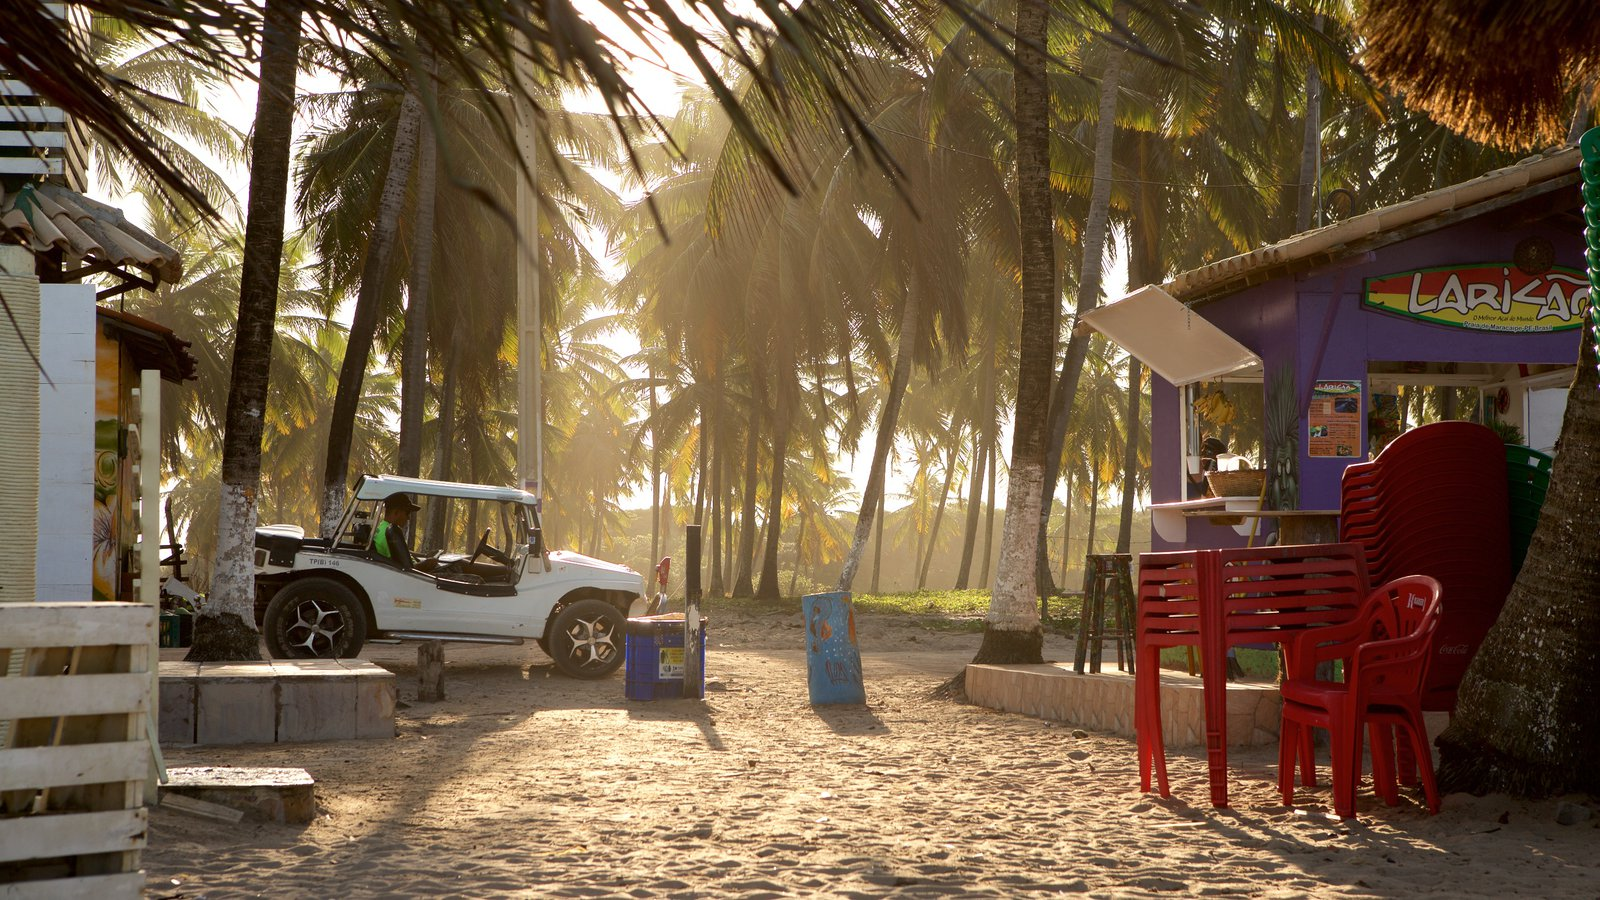 Praia de Maracaípe caracterizando um pôr do sol, uma cidade litorânea e uma praia